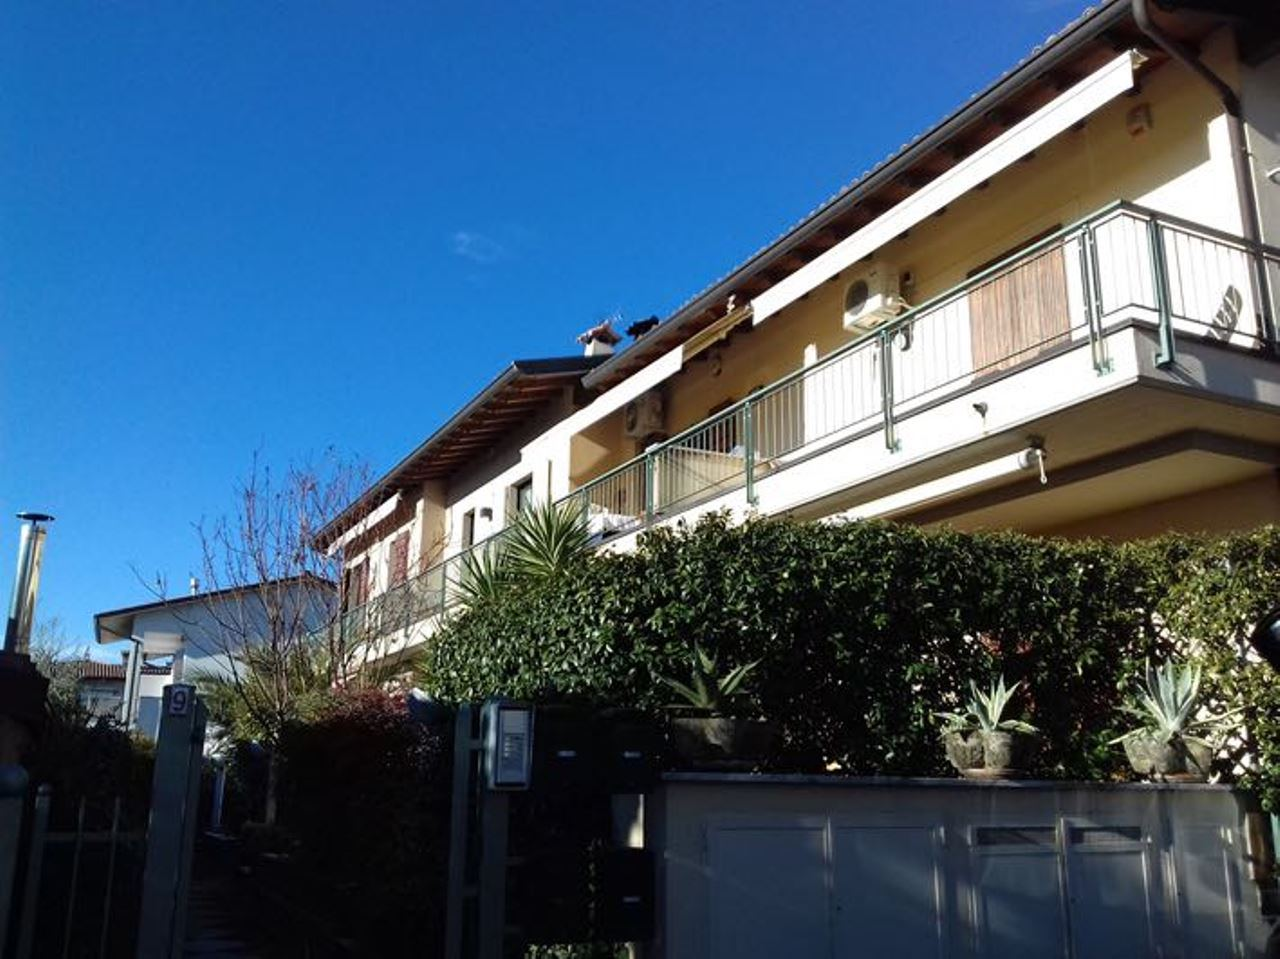 Villetta a schiera in vendita Rif. 10786897